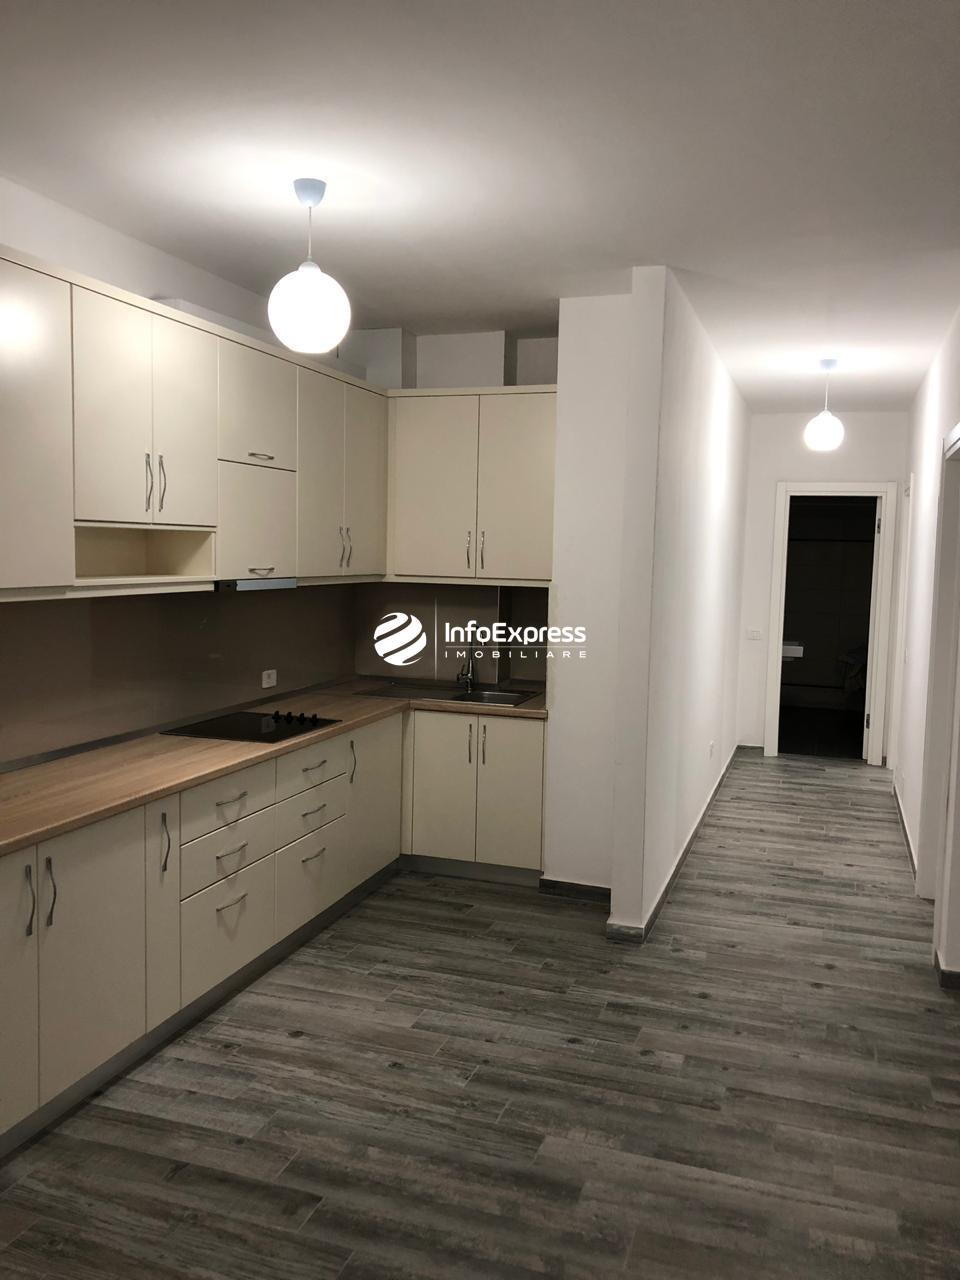 TRR-0618-1313 Jepet me qera apartament 2+1 ne nje nga komplekset me te bukura ne tirane ndertim te vitit 2019 ndodhen ne qender te Tiranes